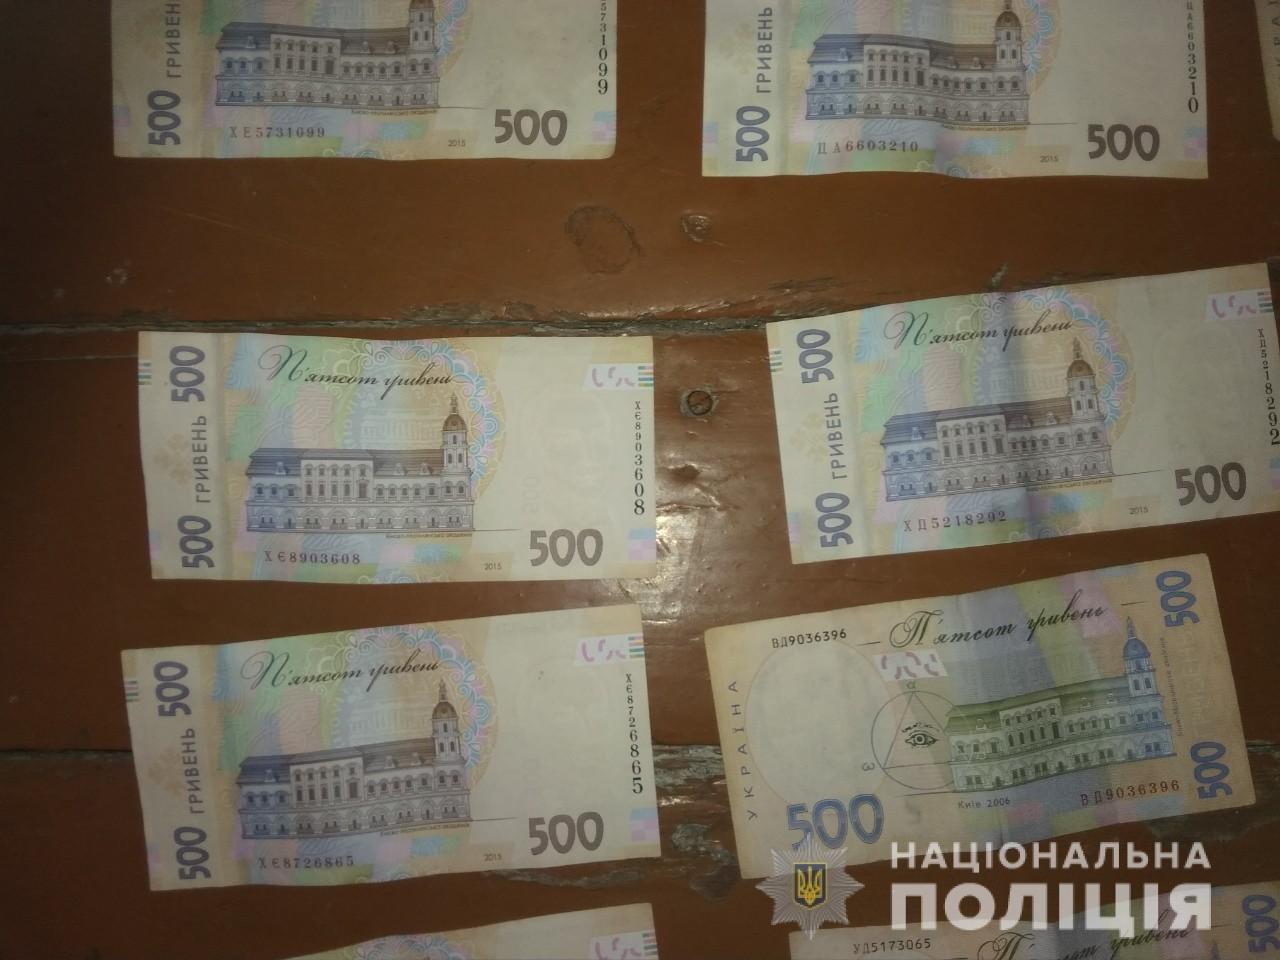 Ударили битой по голове и украли деньги: под Харьковом на бизнесмена напали неизвестные, - ФОТО, ВИДЕО, фото-3